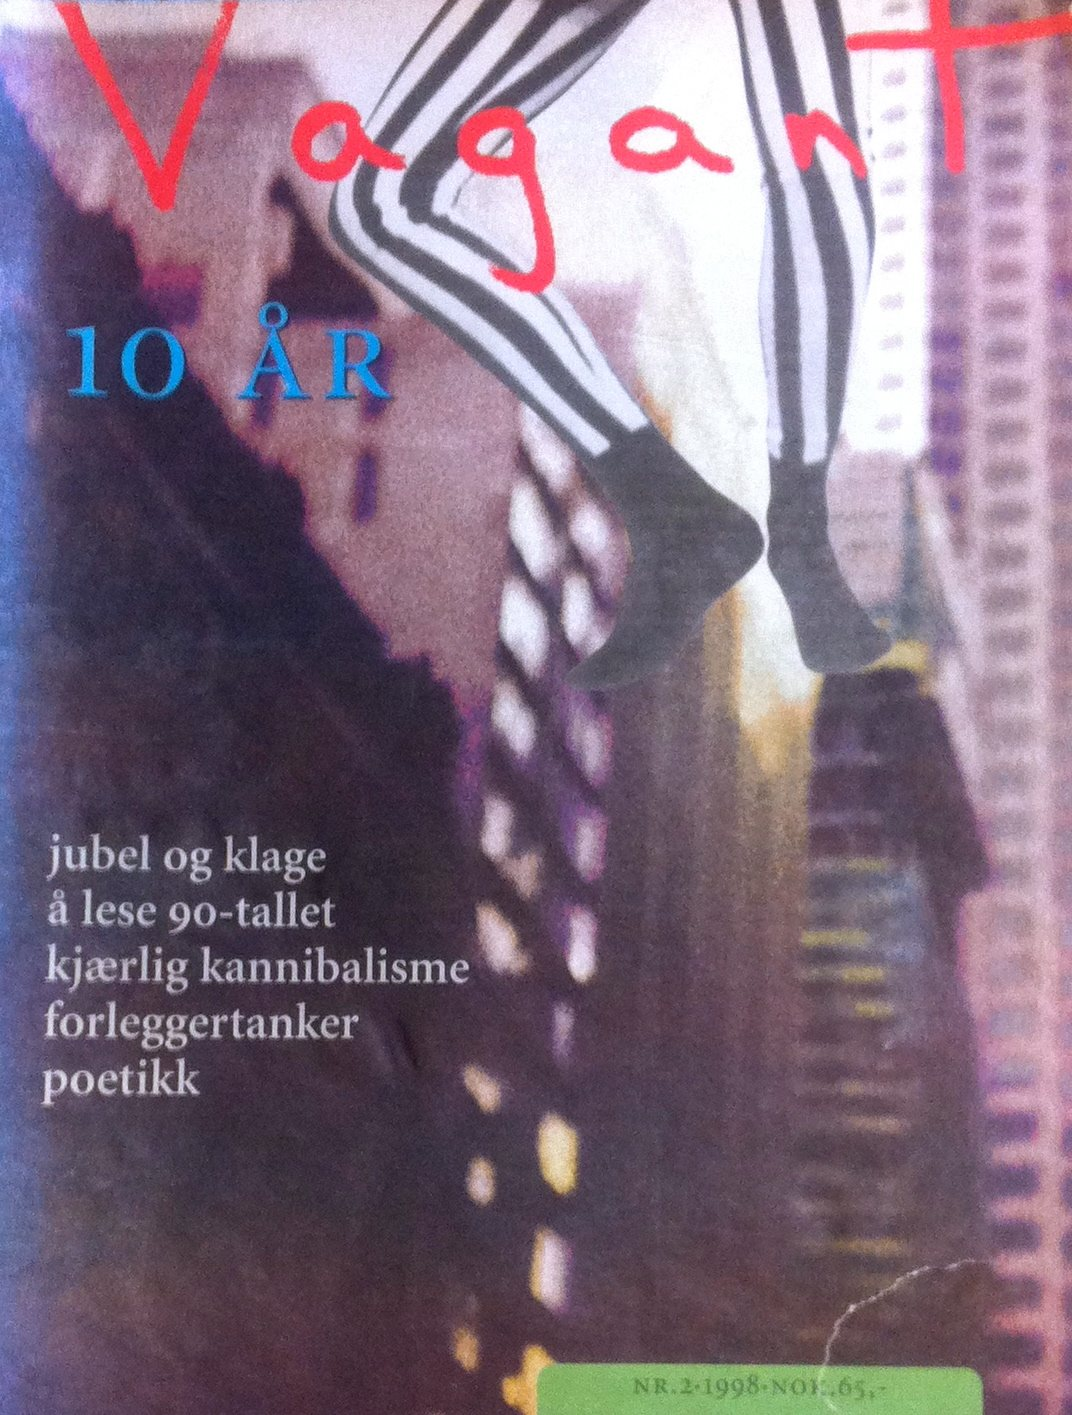 Vagant 2/1998